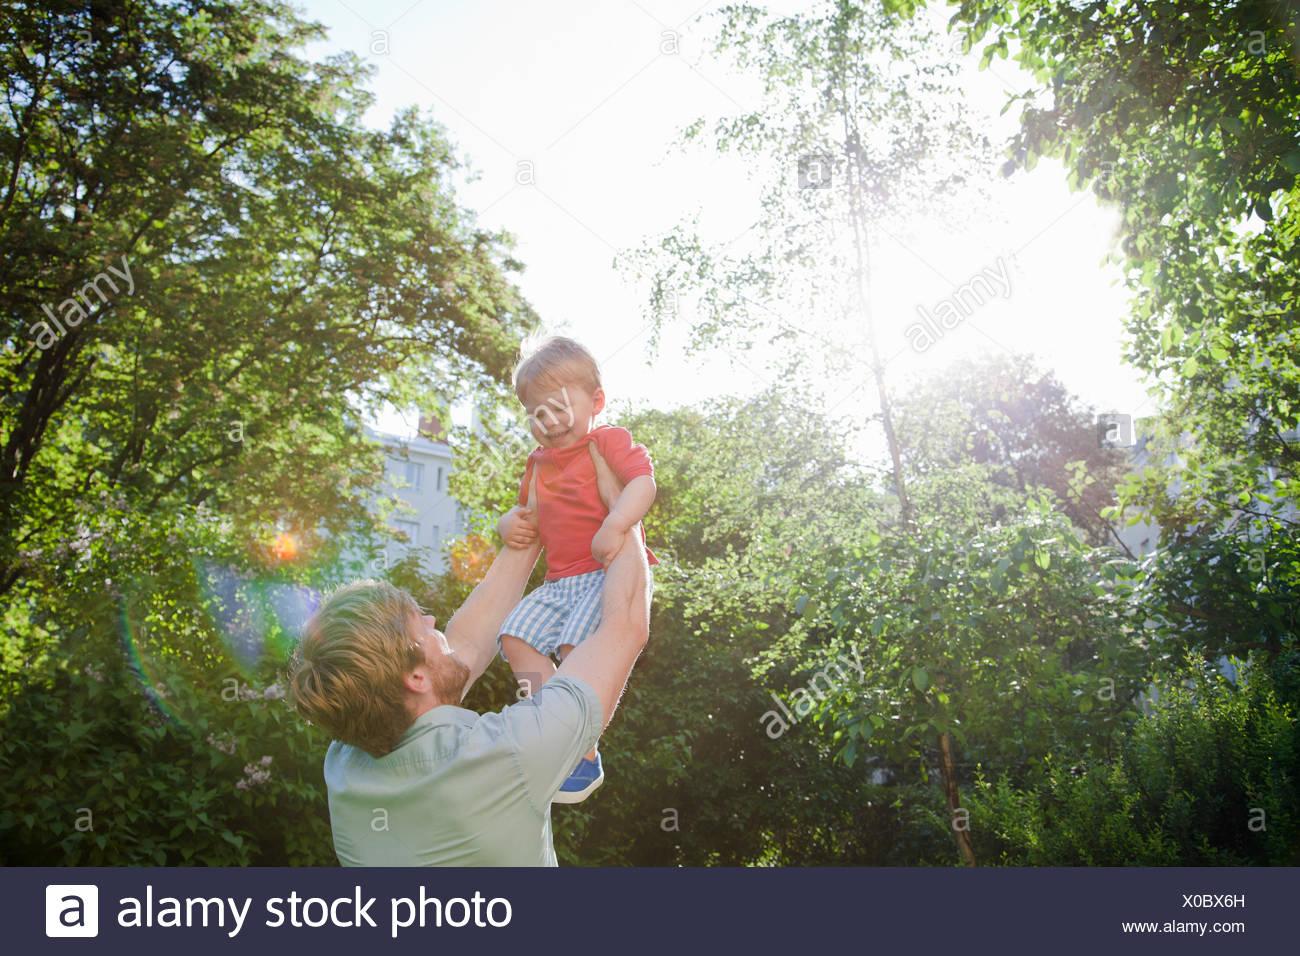 Padre sosteniendo un hijo pequeño en el parque Imagen De Stock